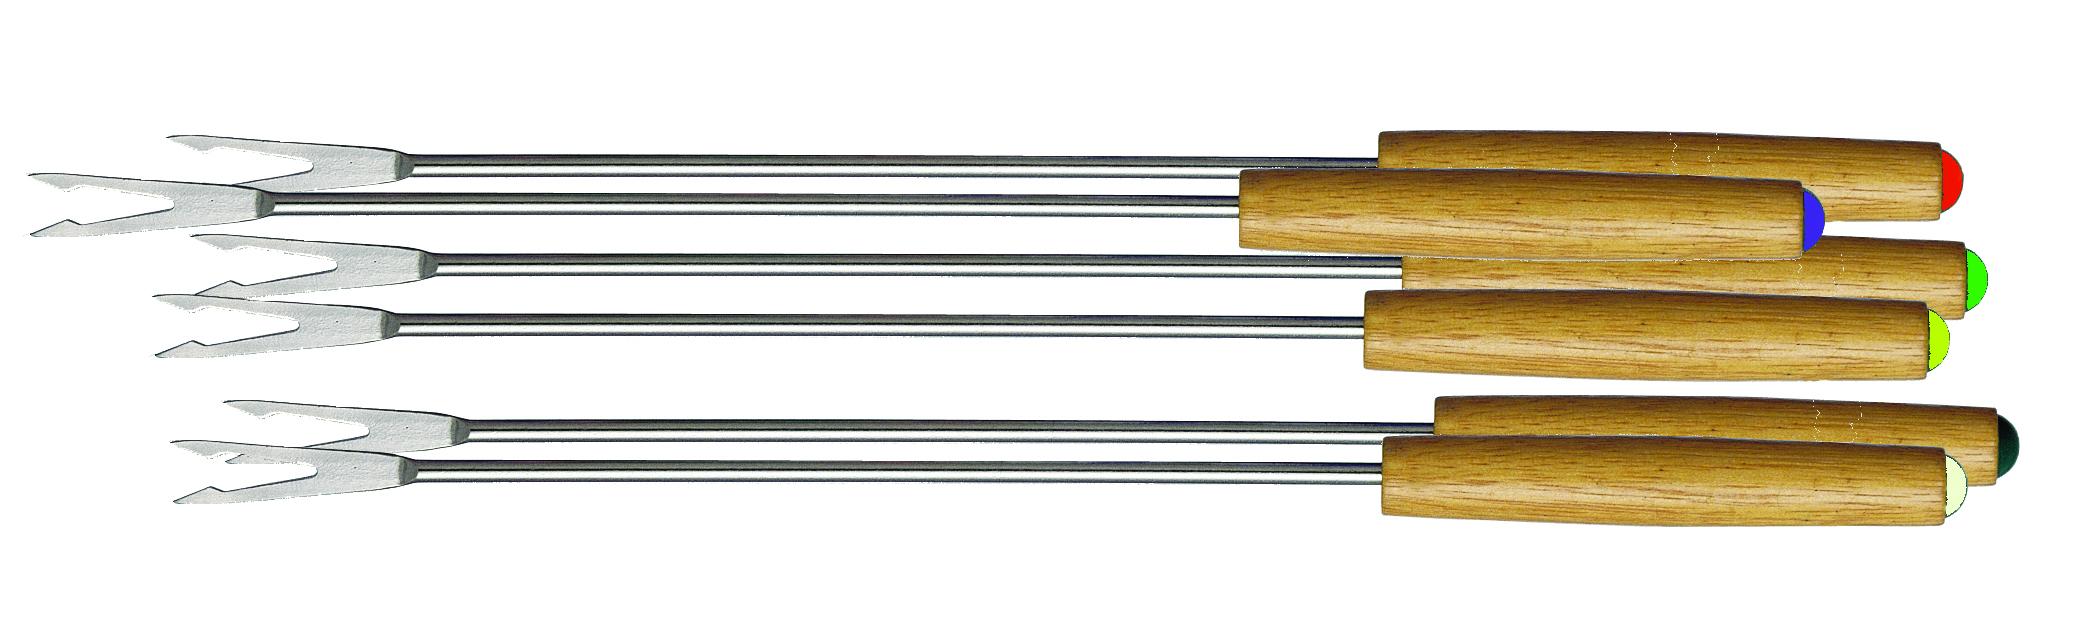 Fondue forks 203900